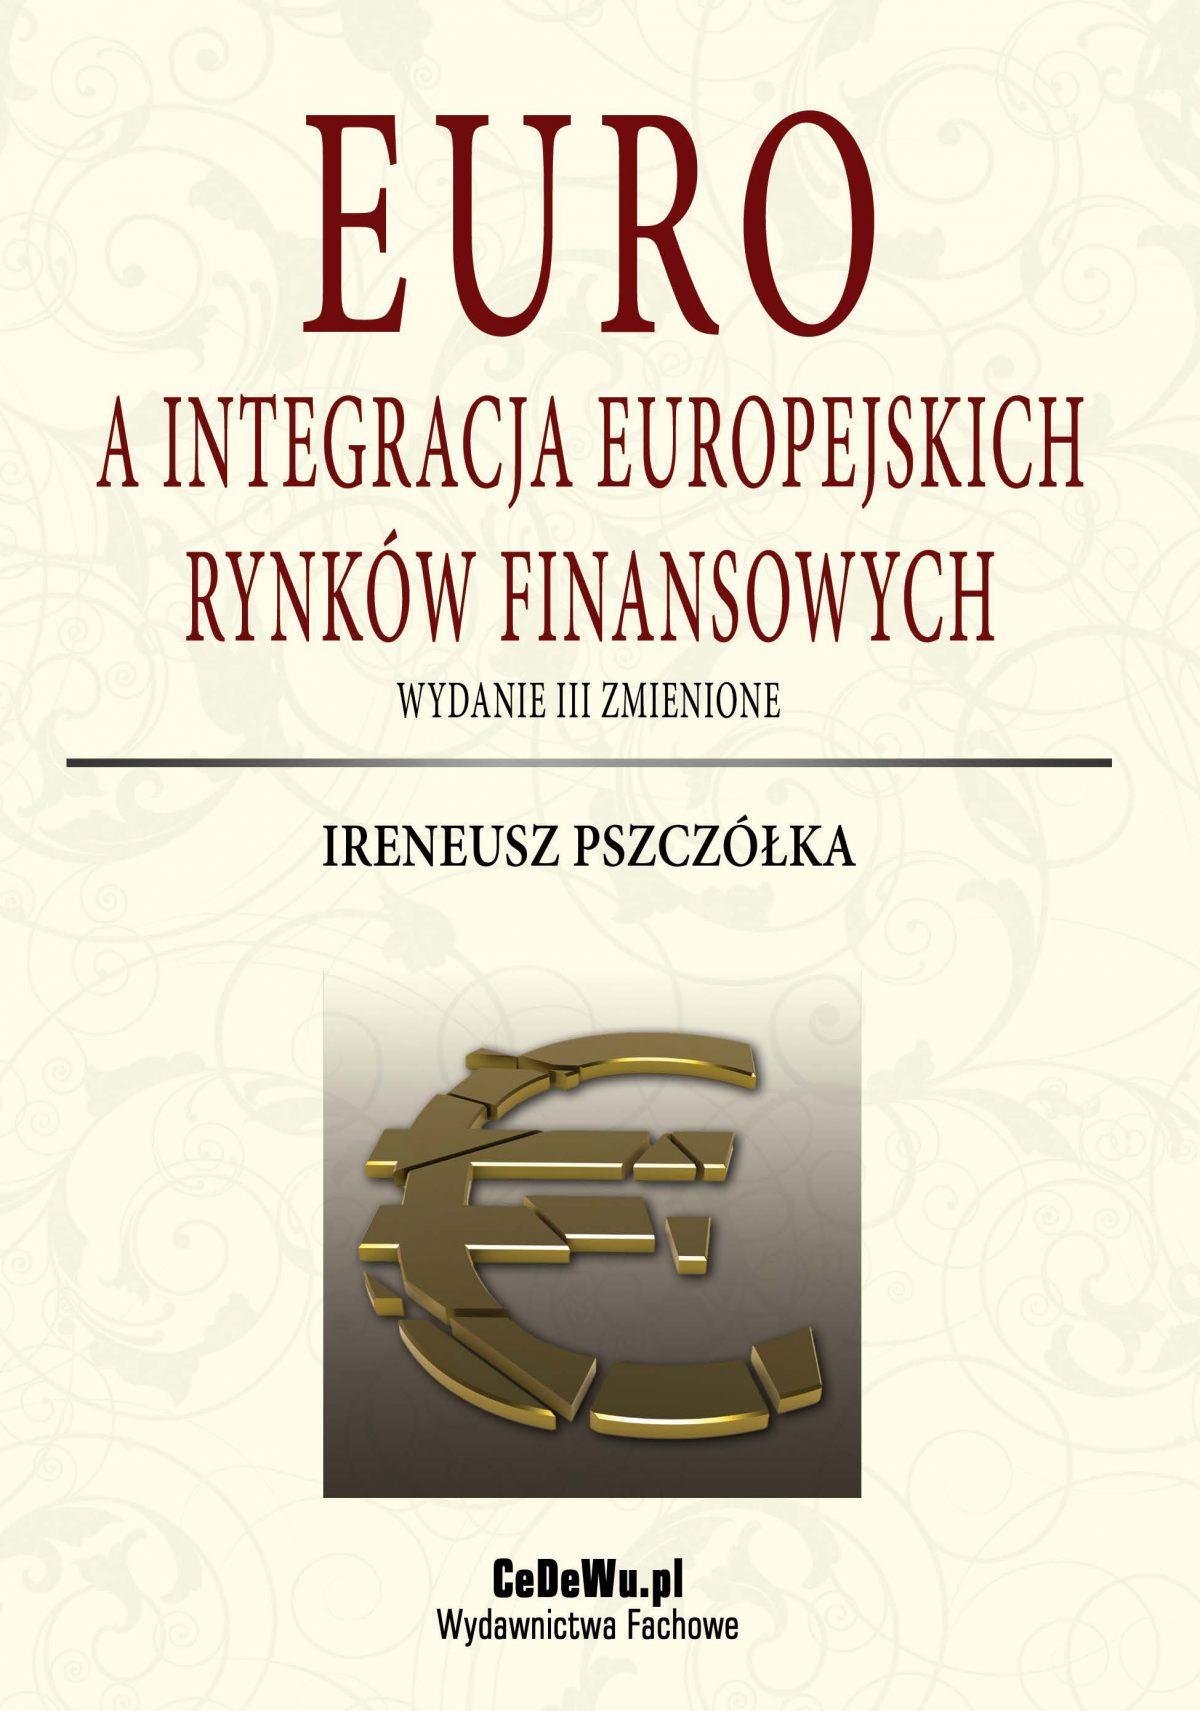 Euro a integracja europejskich rynków finansowych (wyd. III zmienione). Rozdział 2. Integracja monetarna w ramach wspólnot europejskich - Ebook (Książka PDF) do pobrania w formacie PDF